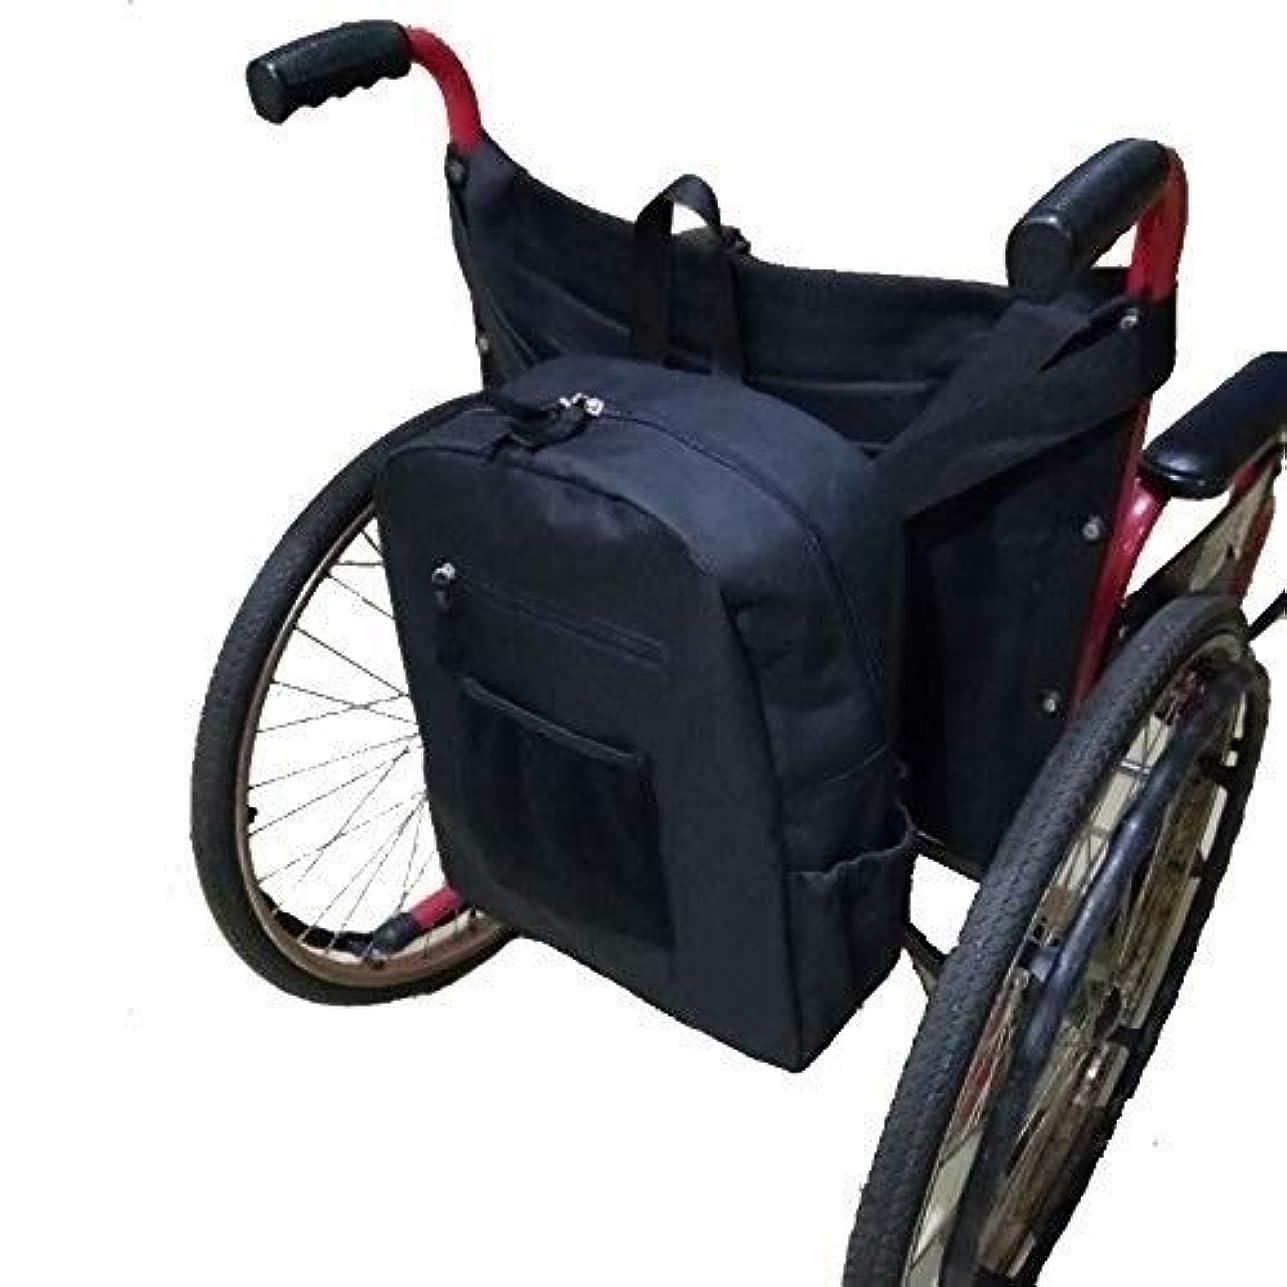 車椅子用バッグ、丈夫なオックスフォードの布製の椅子用バッグ車椅子用リュックサックバッグ、高齢者用?身体障害者用 - ほとんどの車椅子用